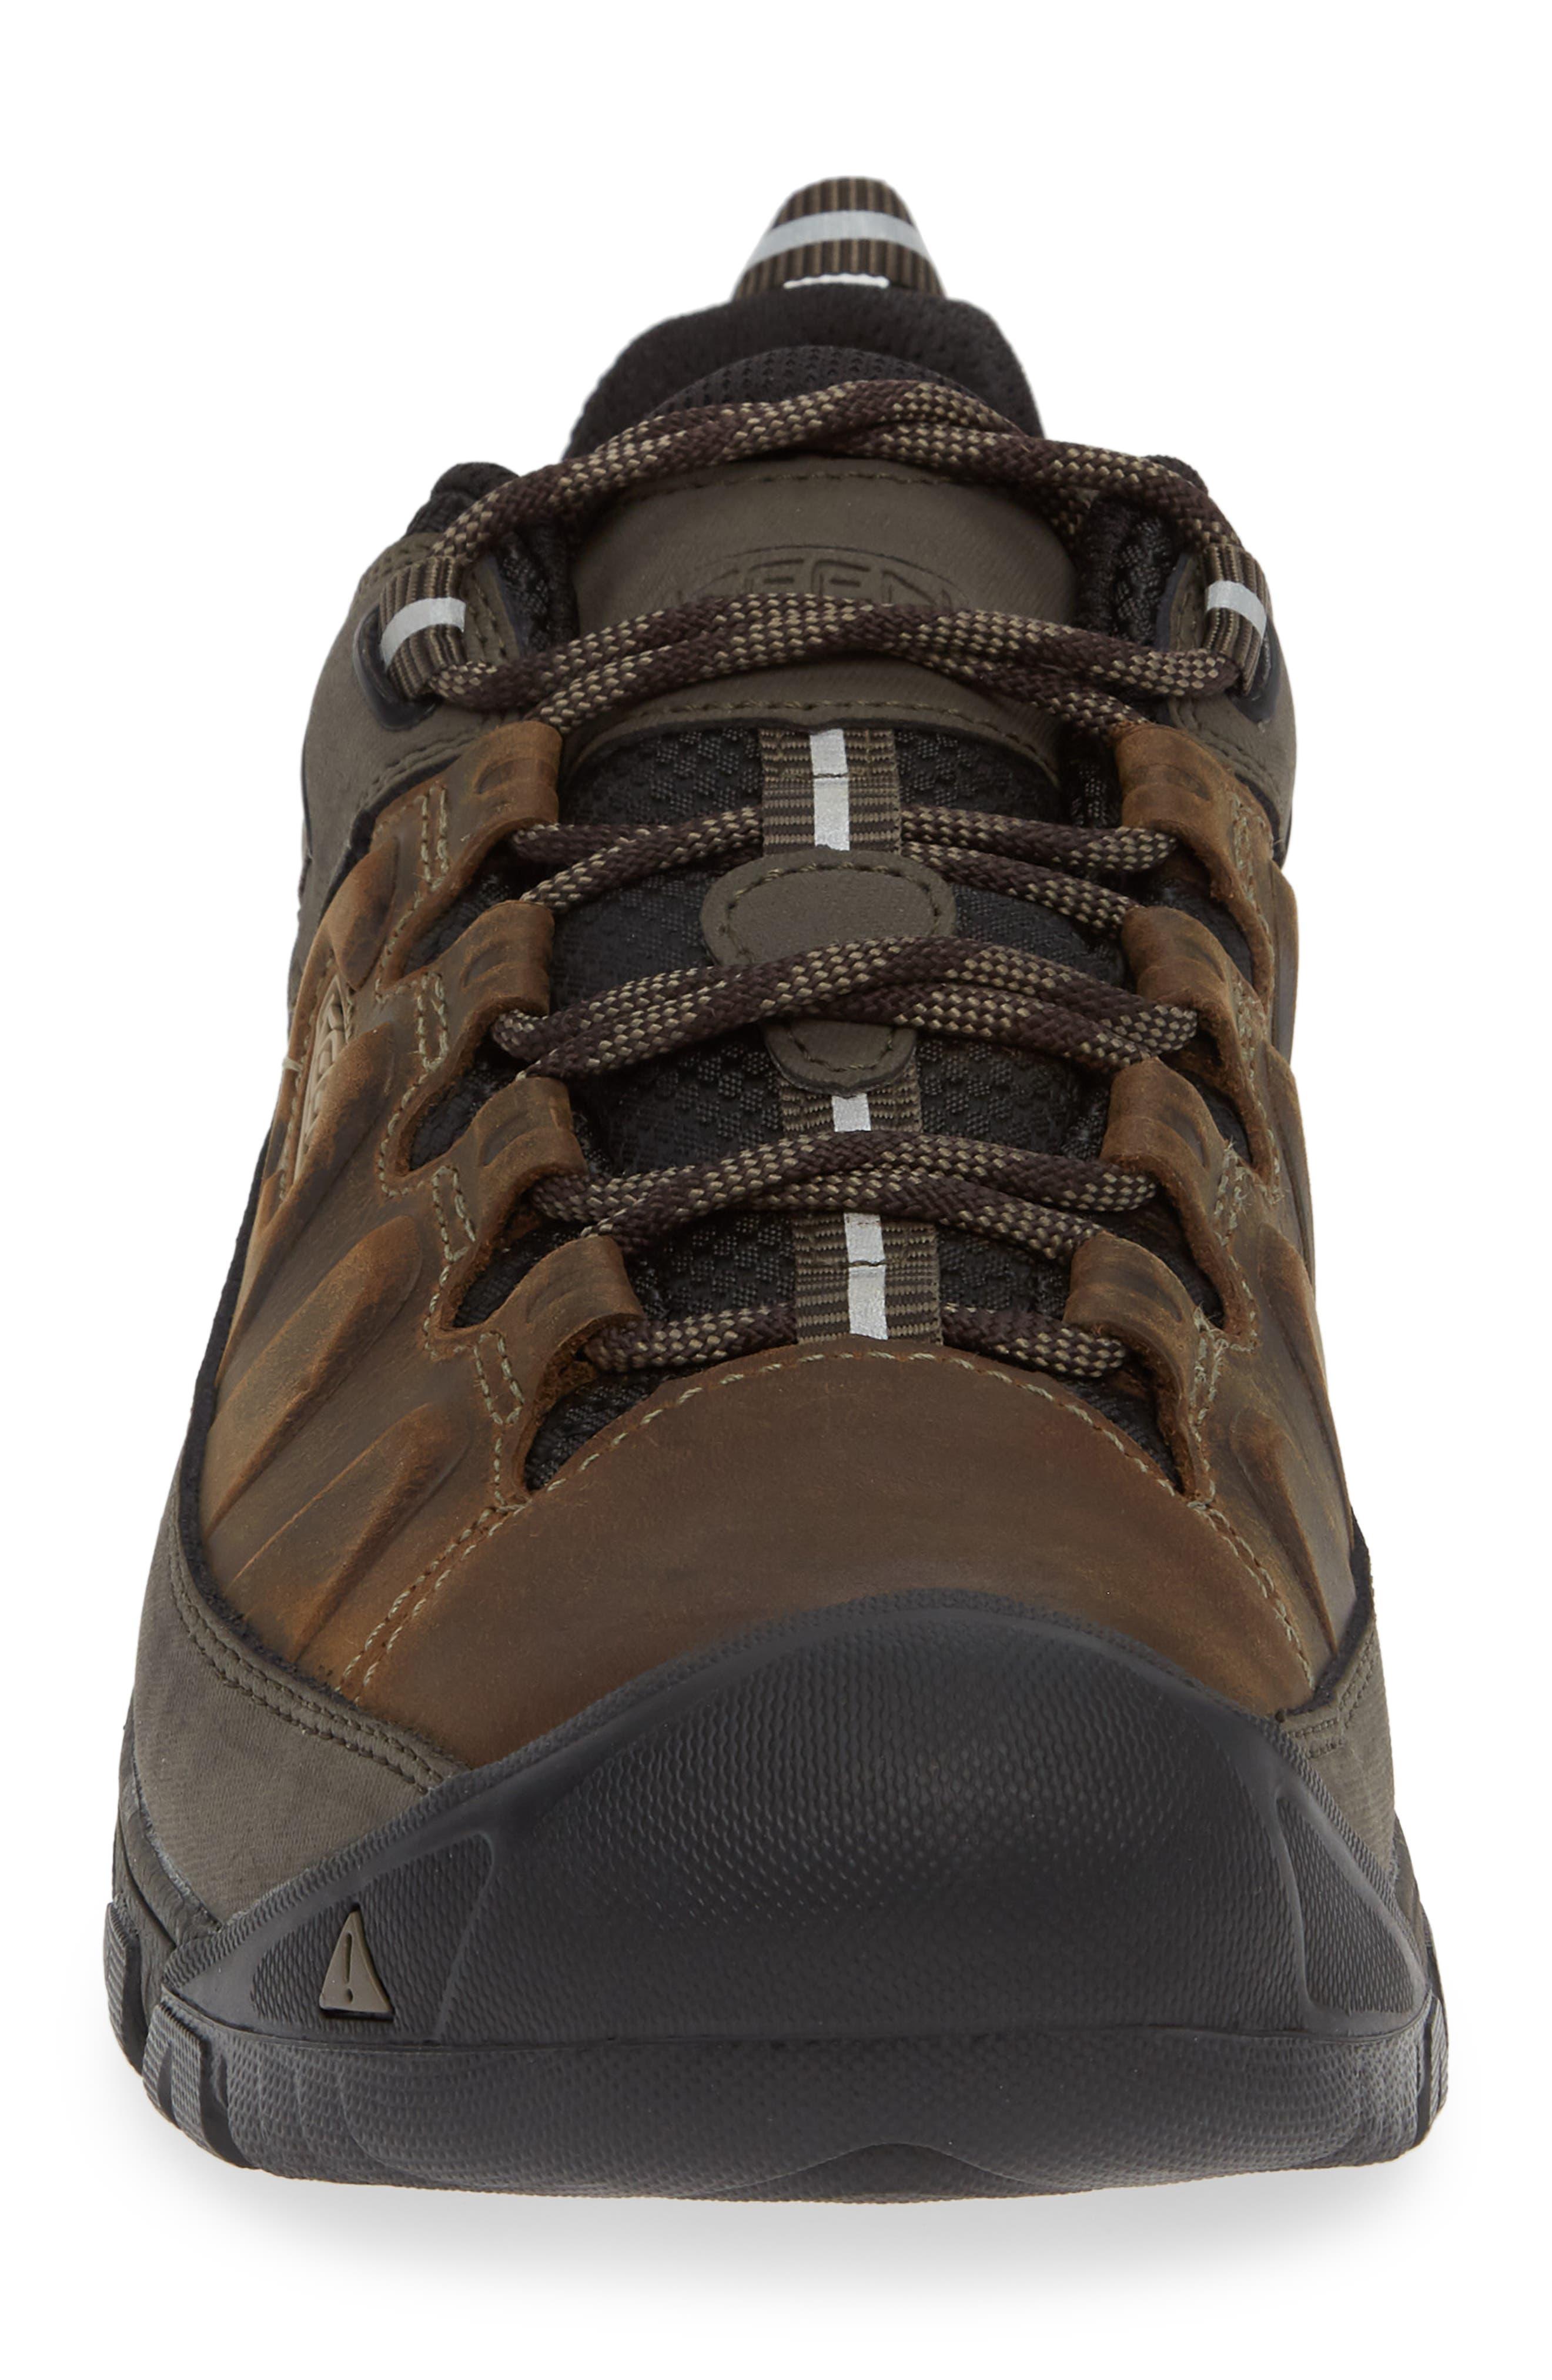 KEEN, Targhee III Waterproof Wide Hiking Shoe, Alternate thumbnail 4, color, BUNGEE CORD/ BLACK